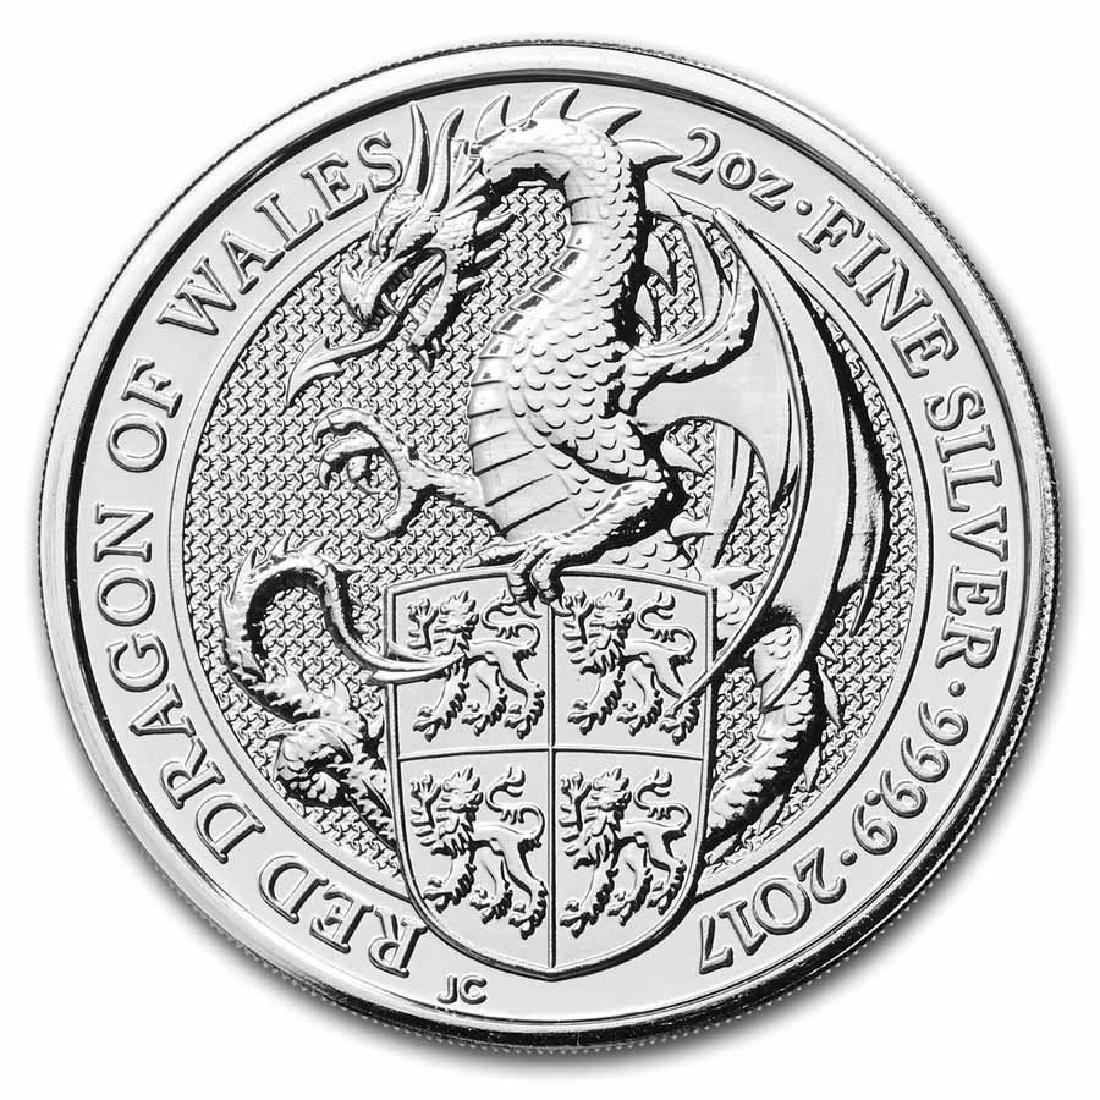 2017 2 oz British Silver Queen